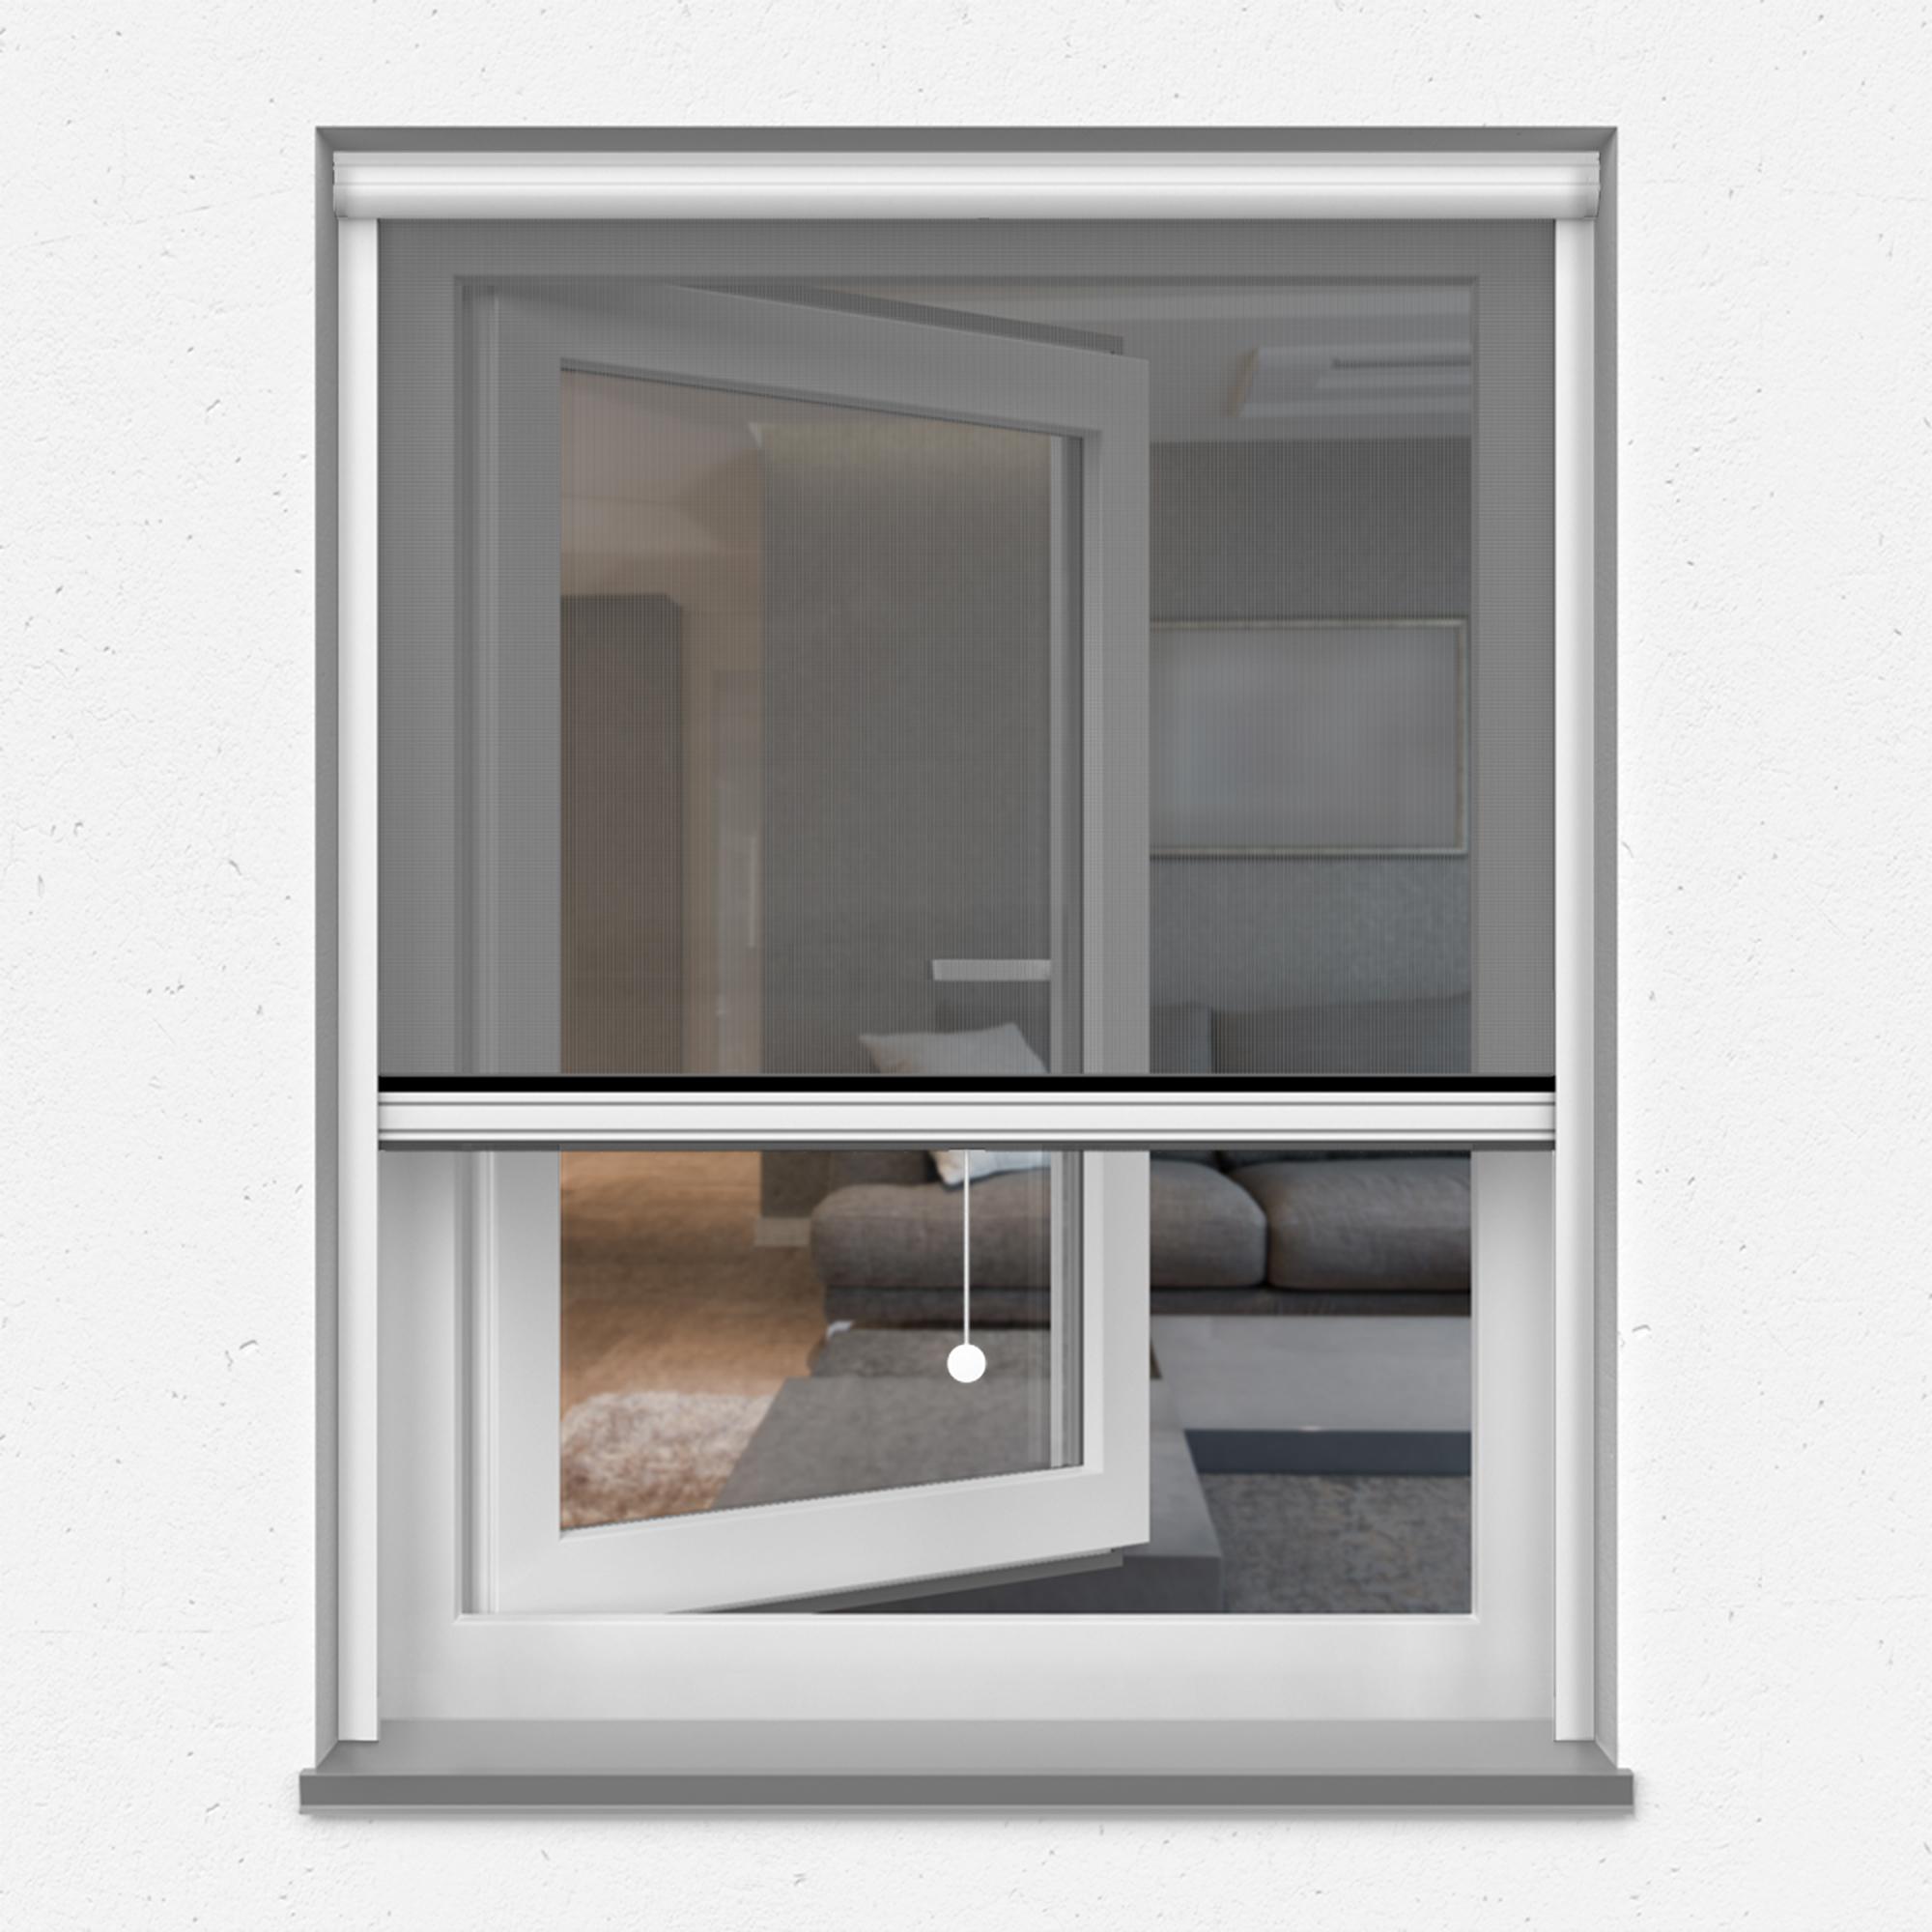 Fliegengitter-Insektenschutz-Rollo-Fenster-Insektenschutzrollo-Alu-Mueckenschutz Indexbild 11